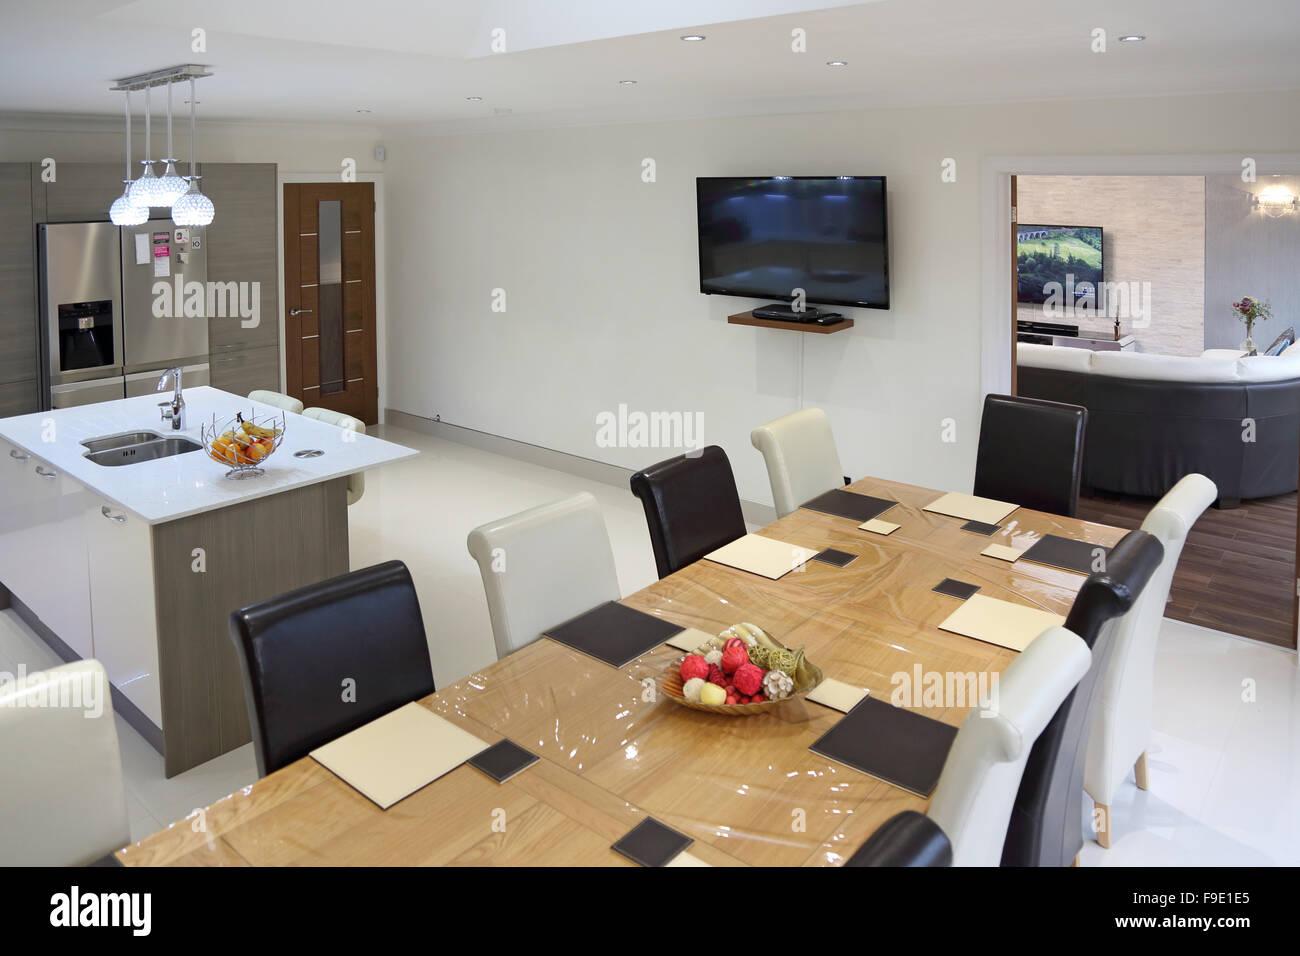 Top cucina sala da pranzo camera in un hotel rimodernato di recente casa mostrante un soggiorno - Stanze da pranzo ...